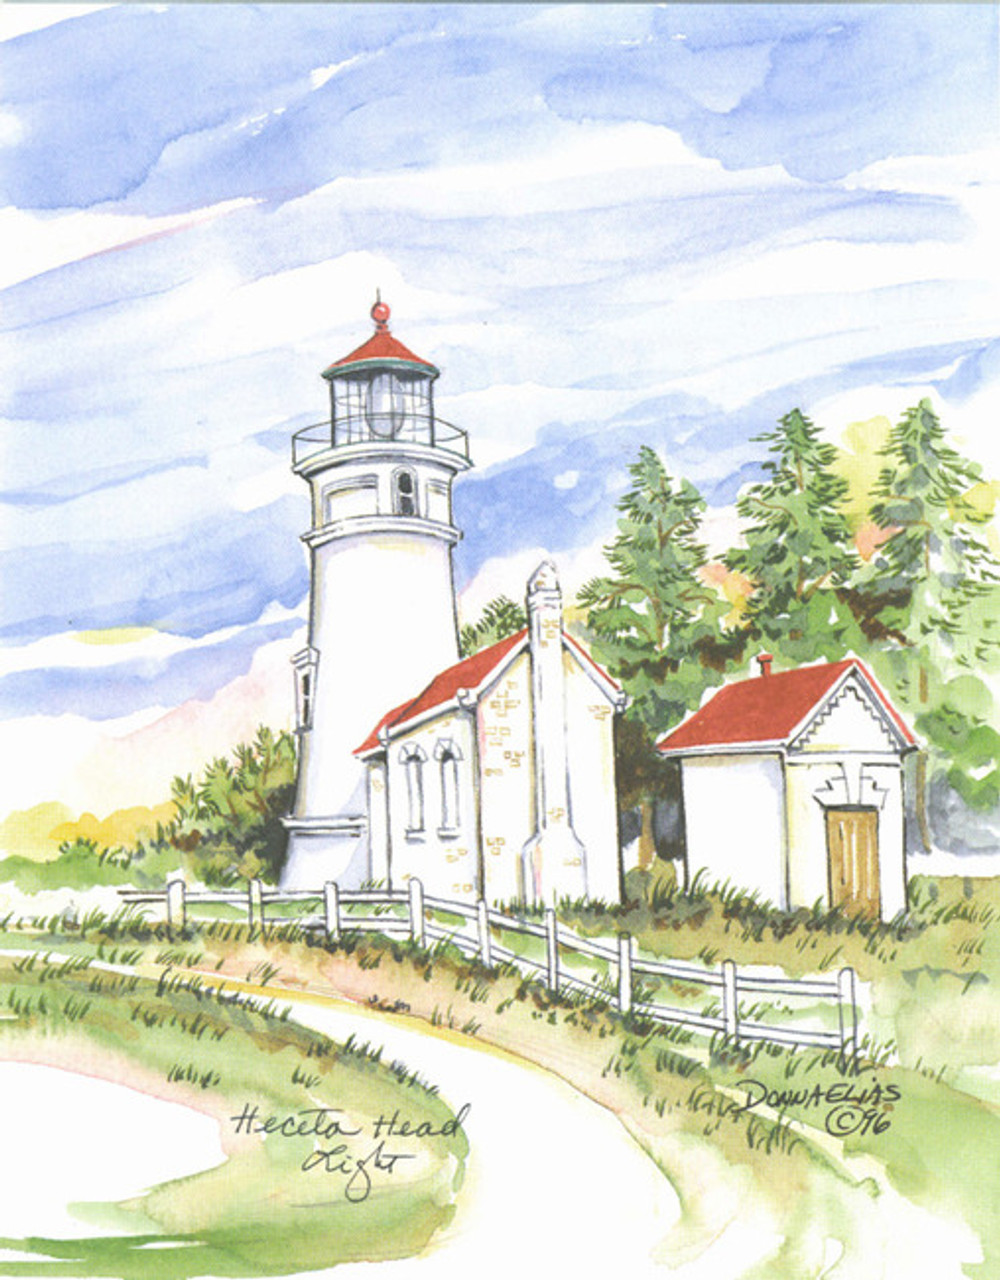 Heceta head Lighthouse copyright Donna Elias